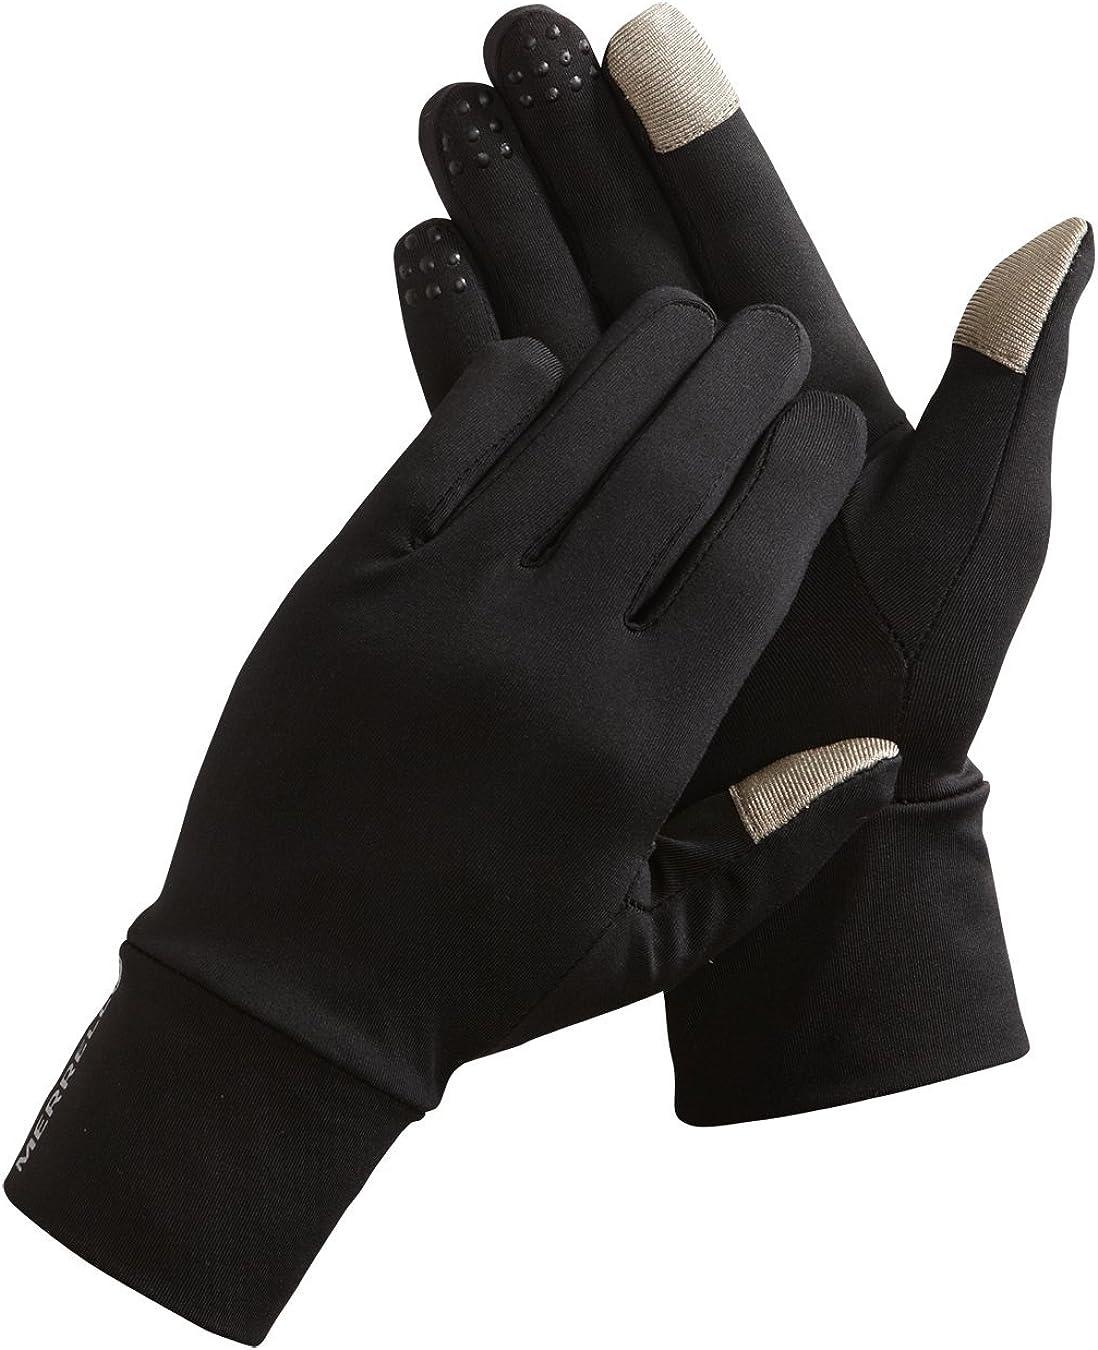 Merrell Women's Allez Touch Gloves